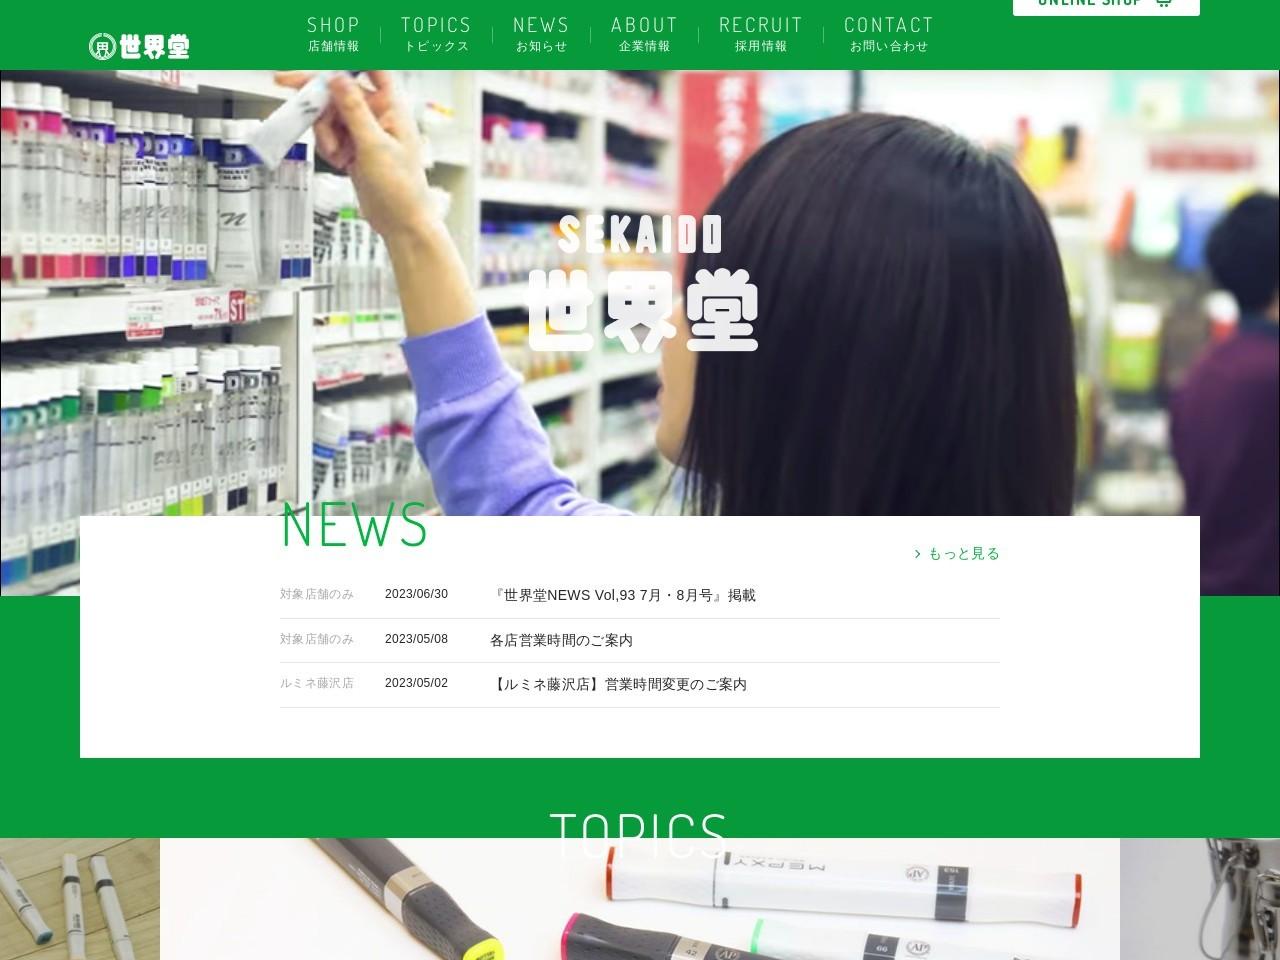 株式会社世界堂/本店